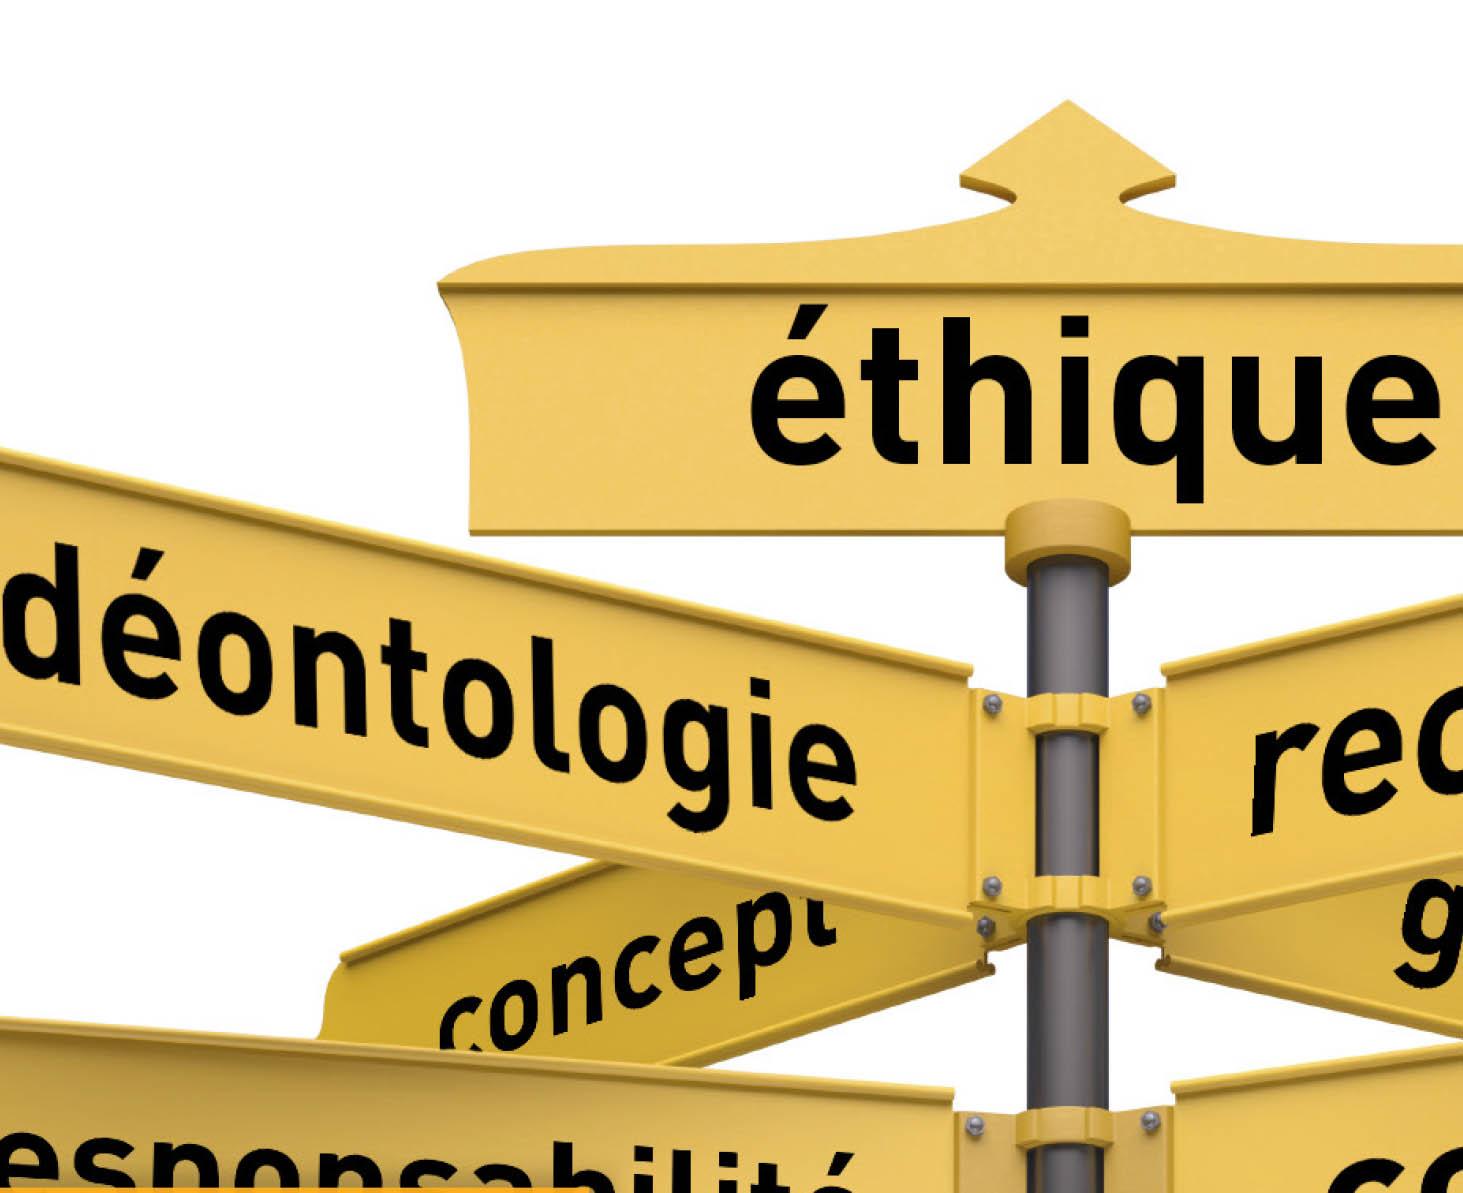 conte science et ethique pdf